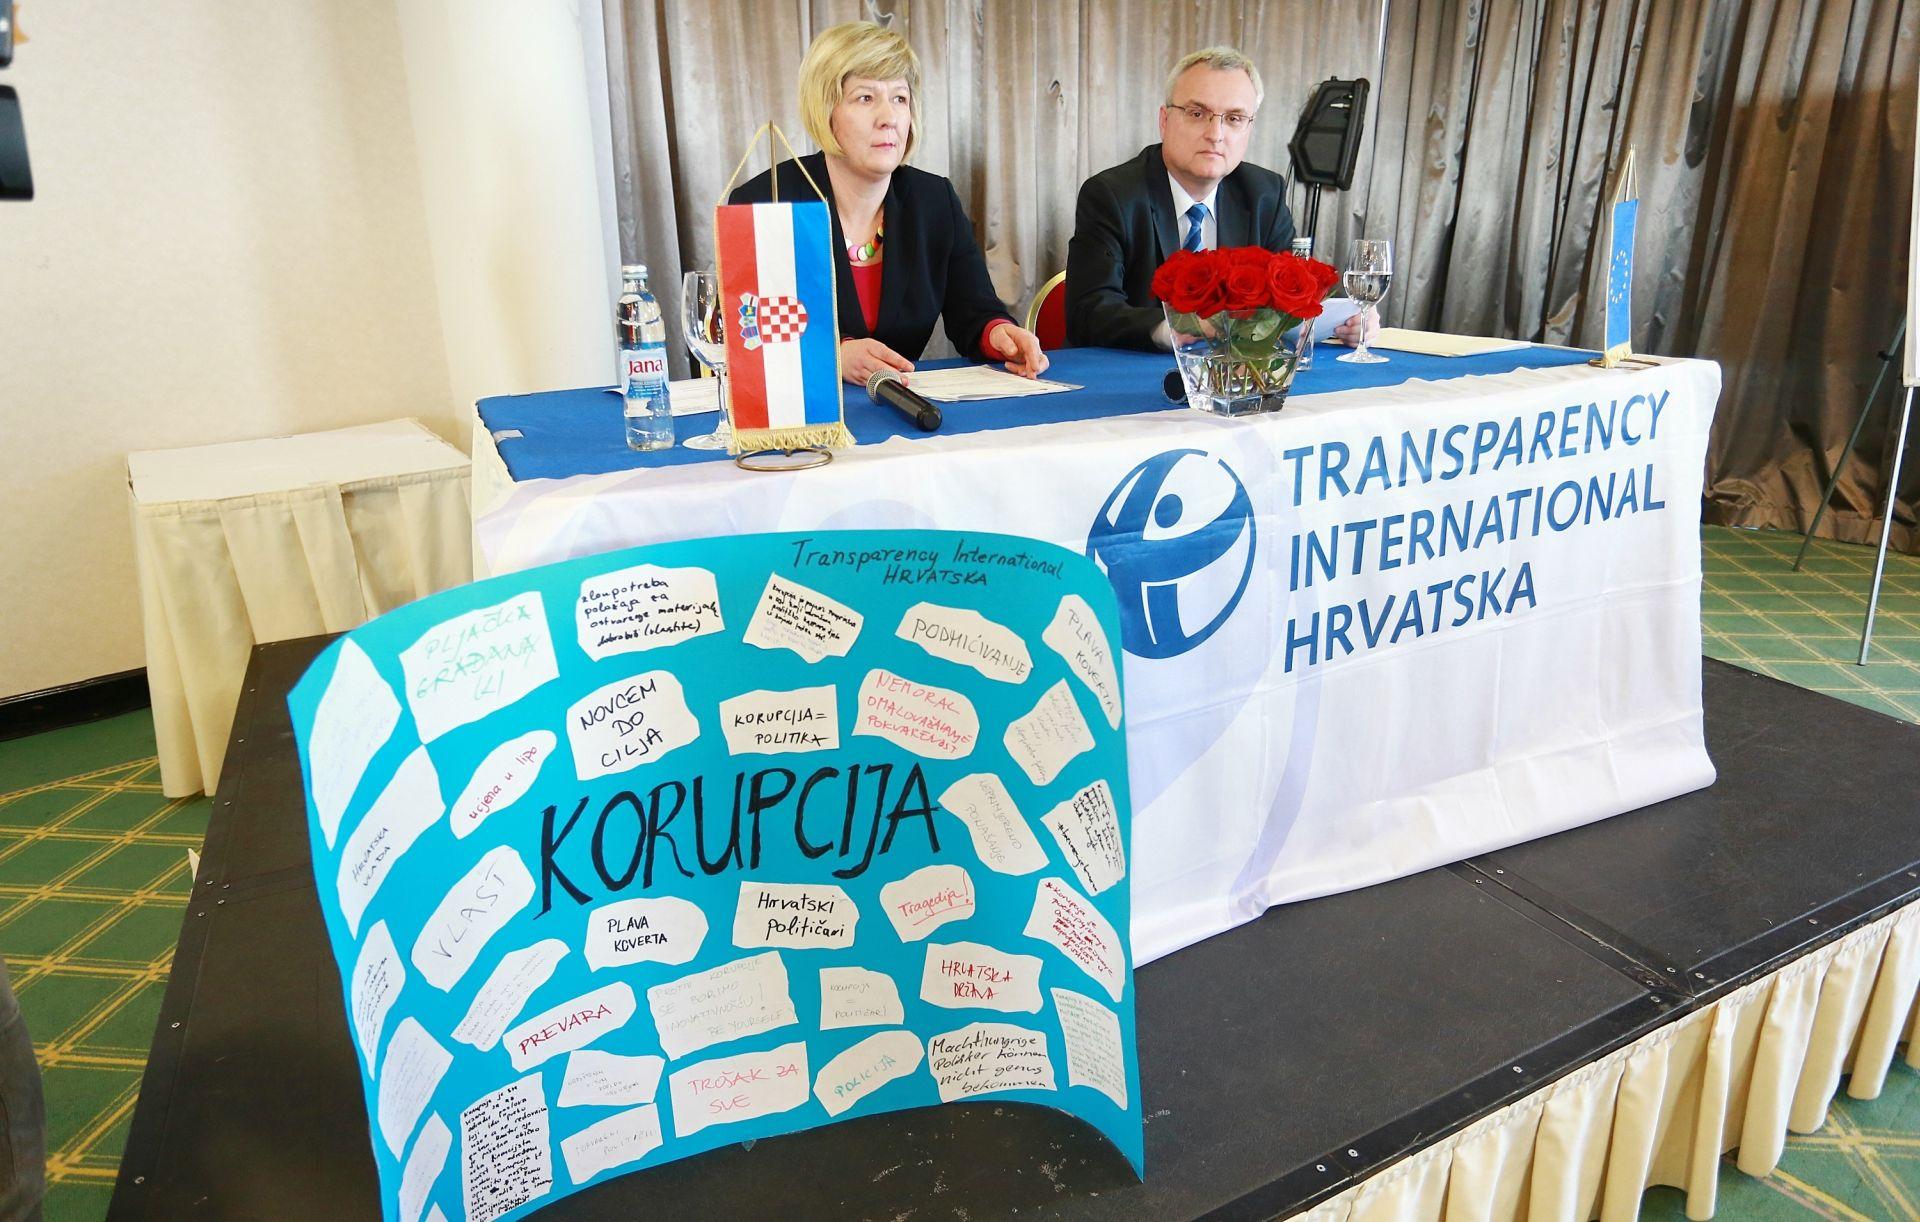 BiH: Transparency International traži ispitivanje odgovornosti glavnog državnog tužitelja